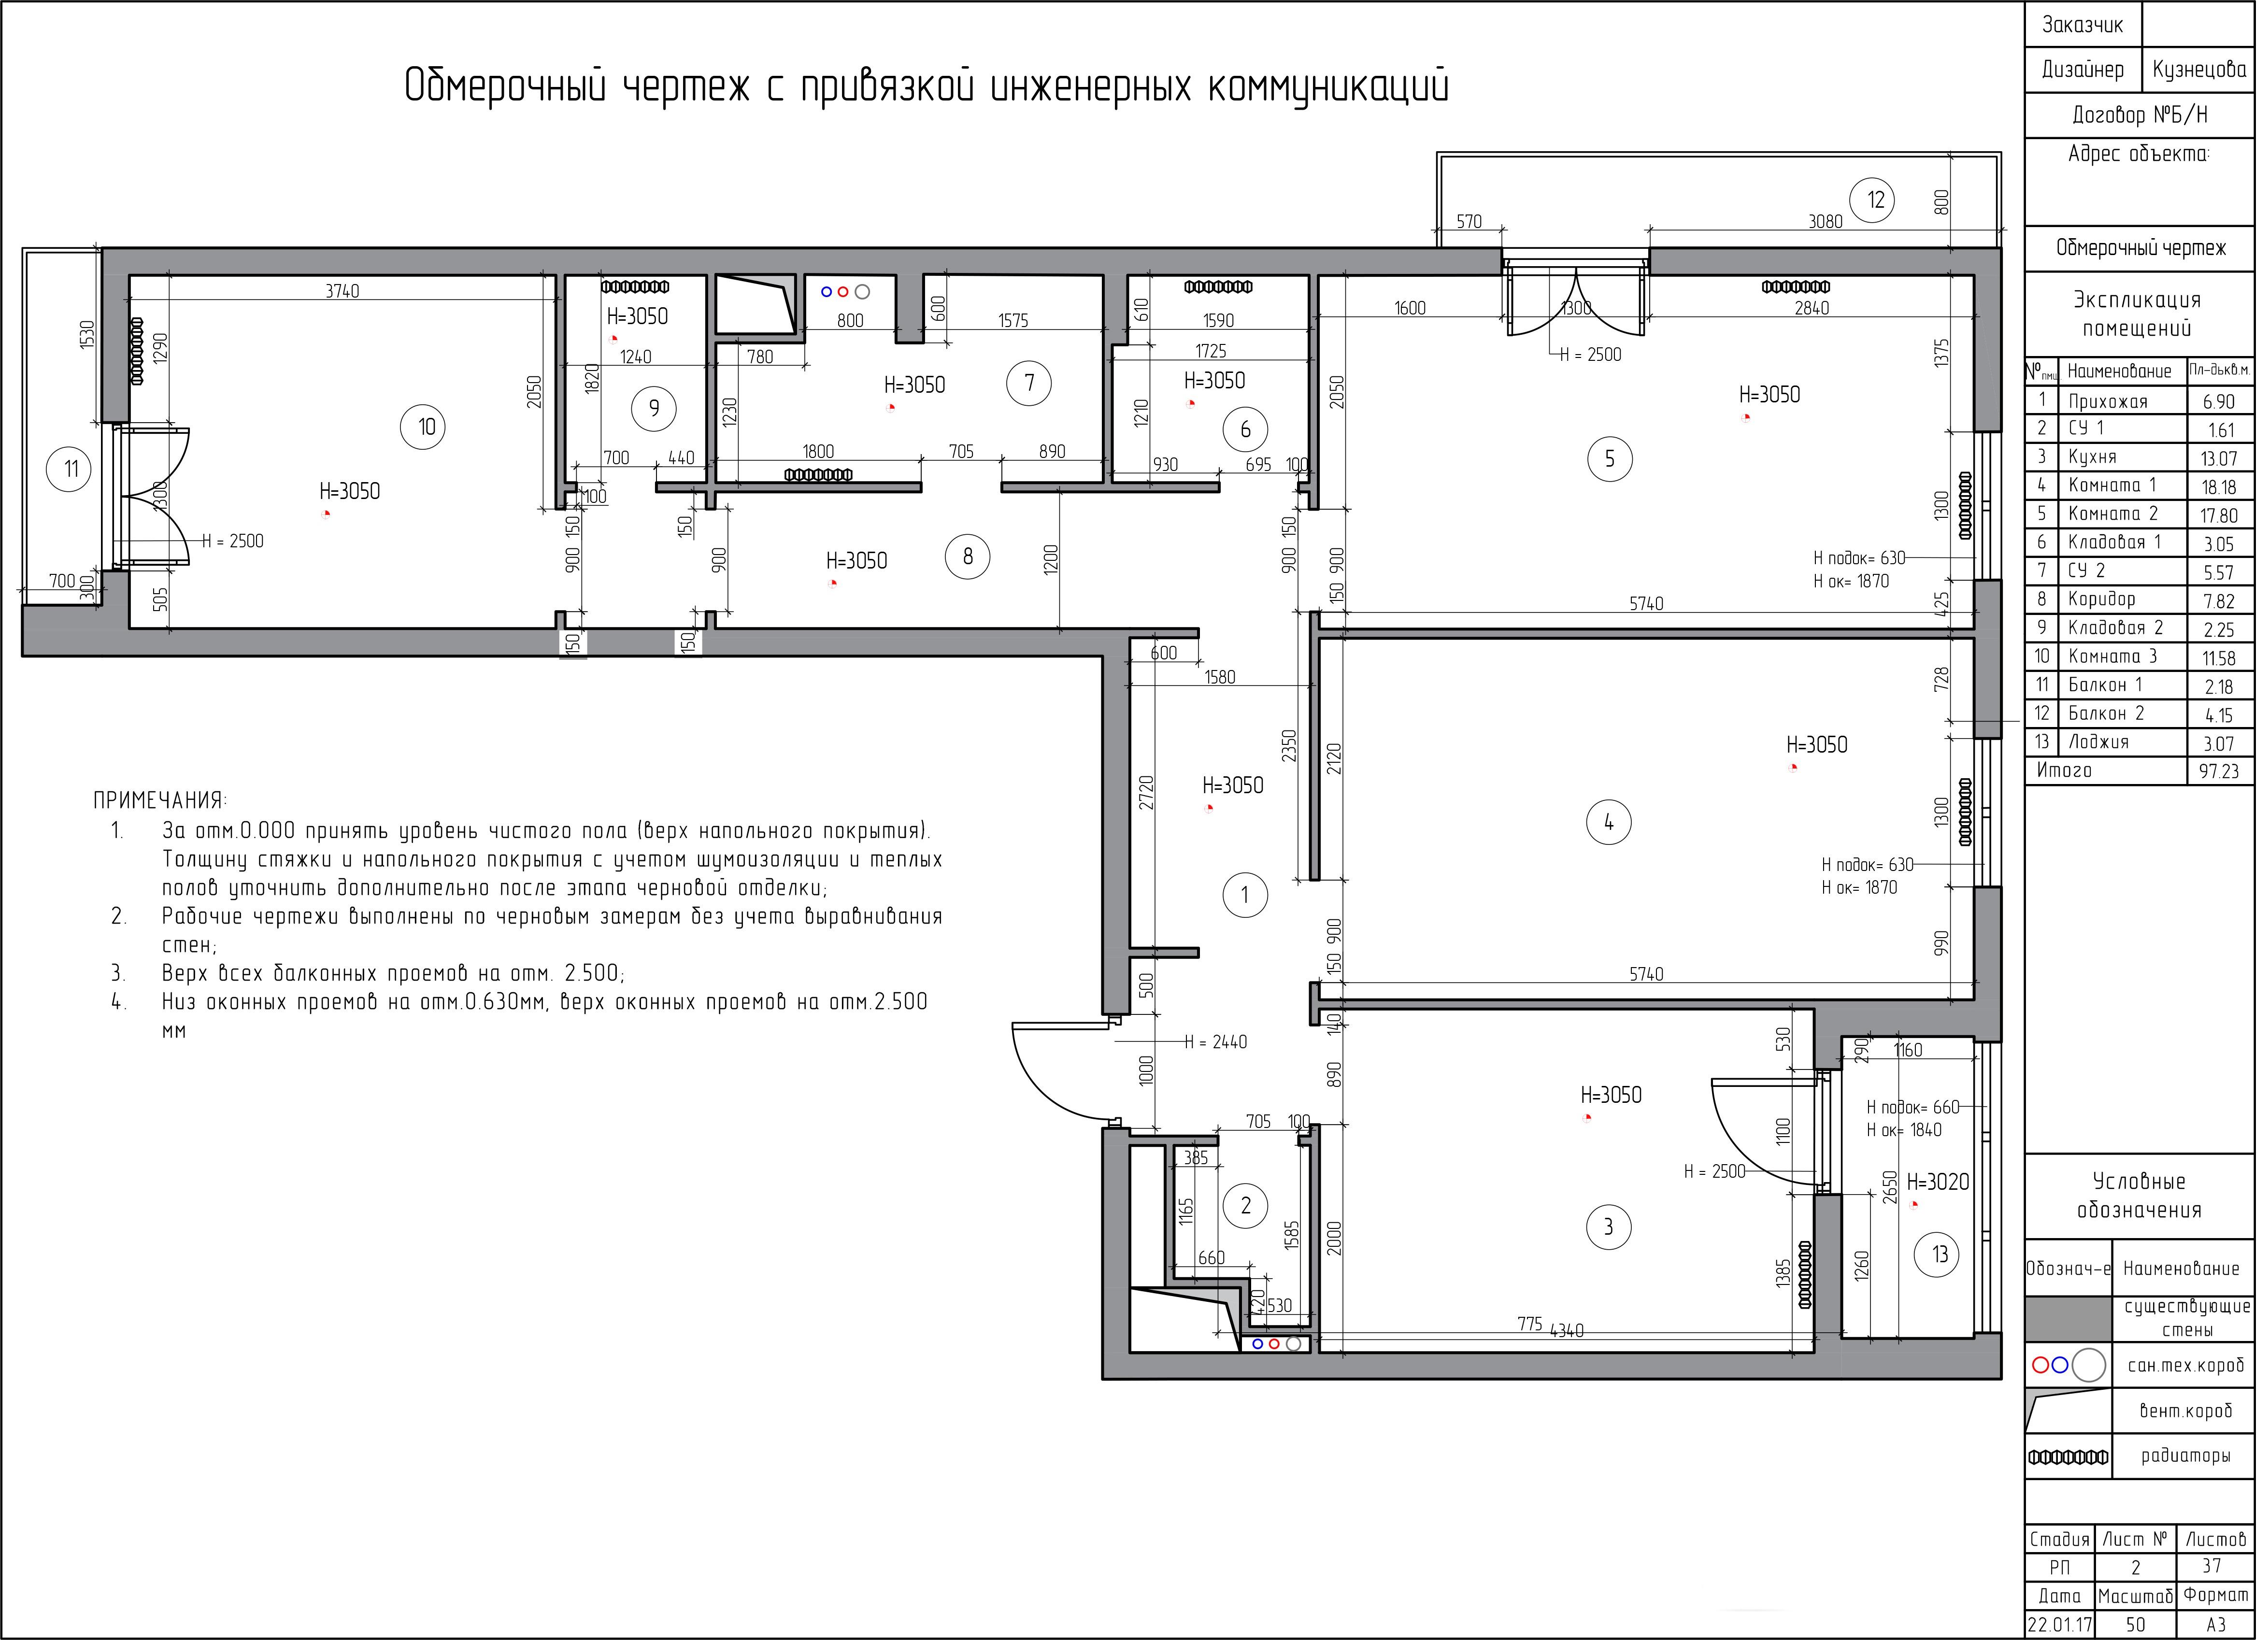 Обмерочный чертеж ЖК «Level Кутузовский»